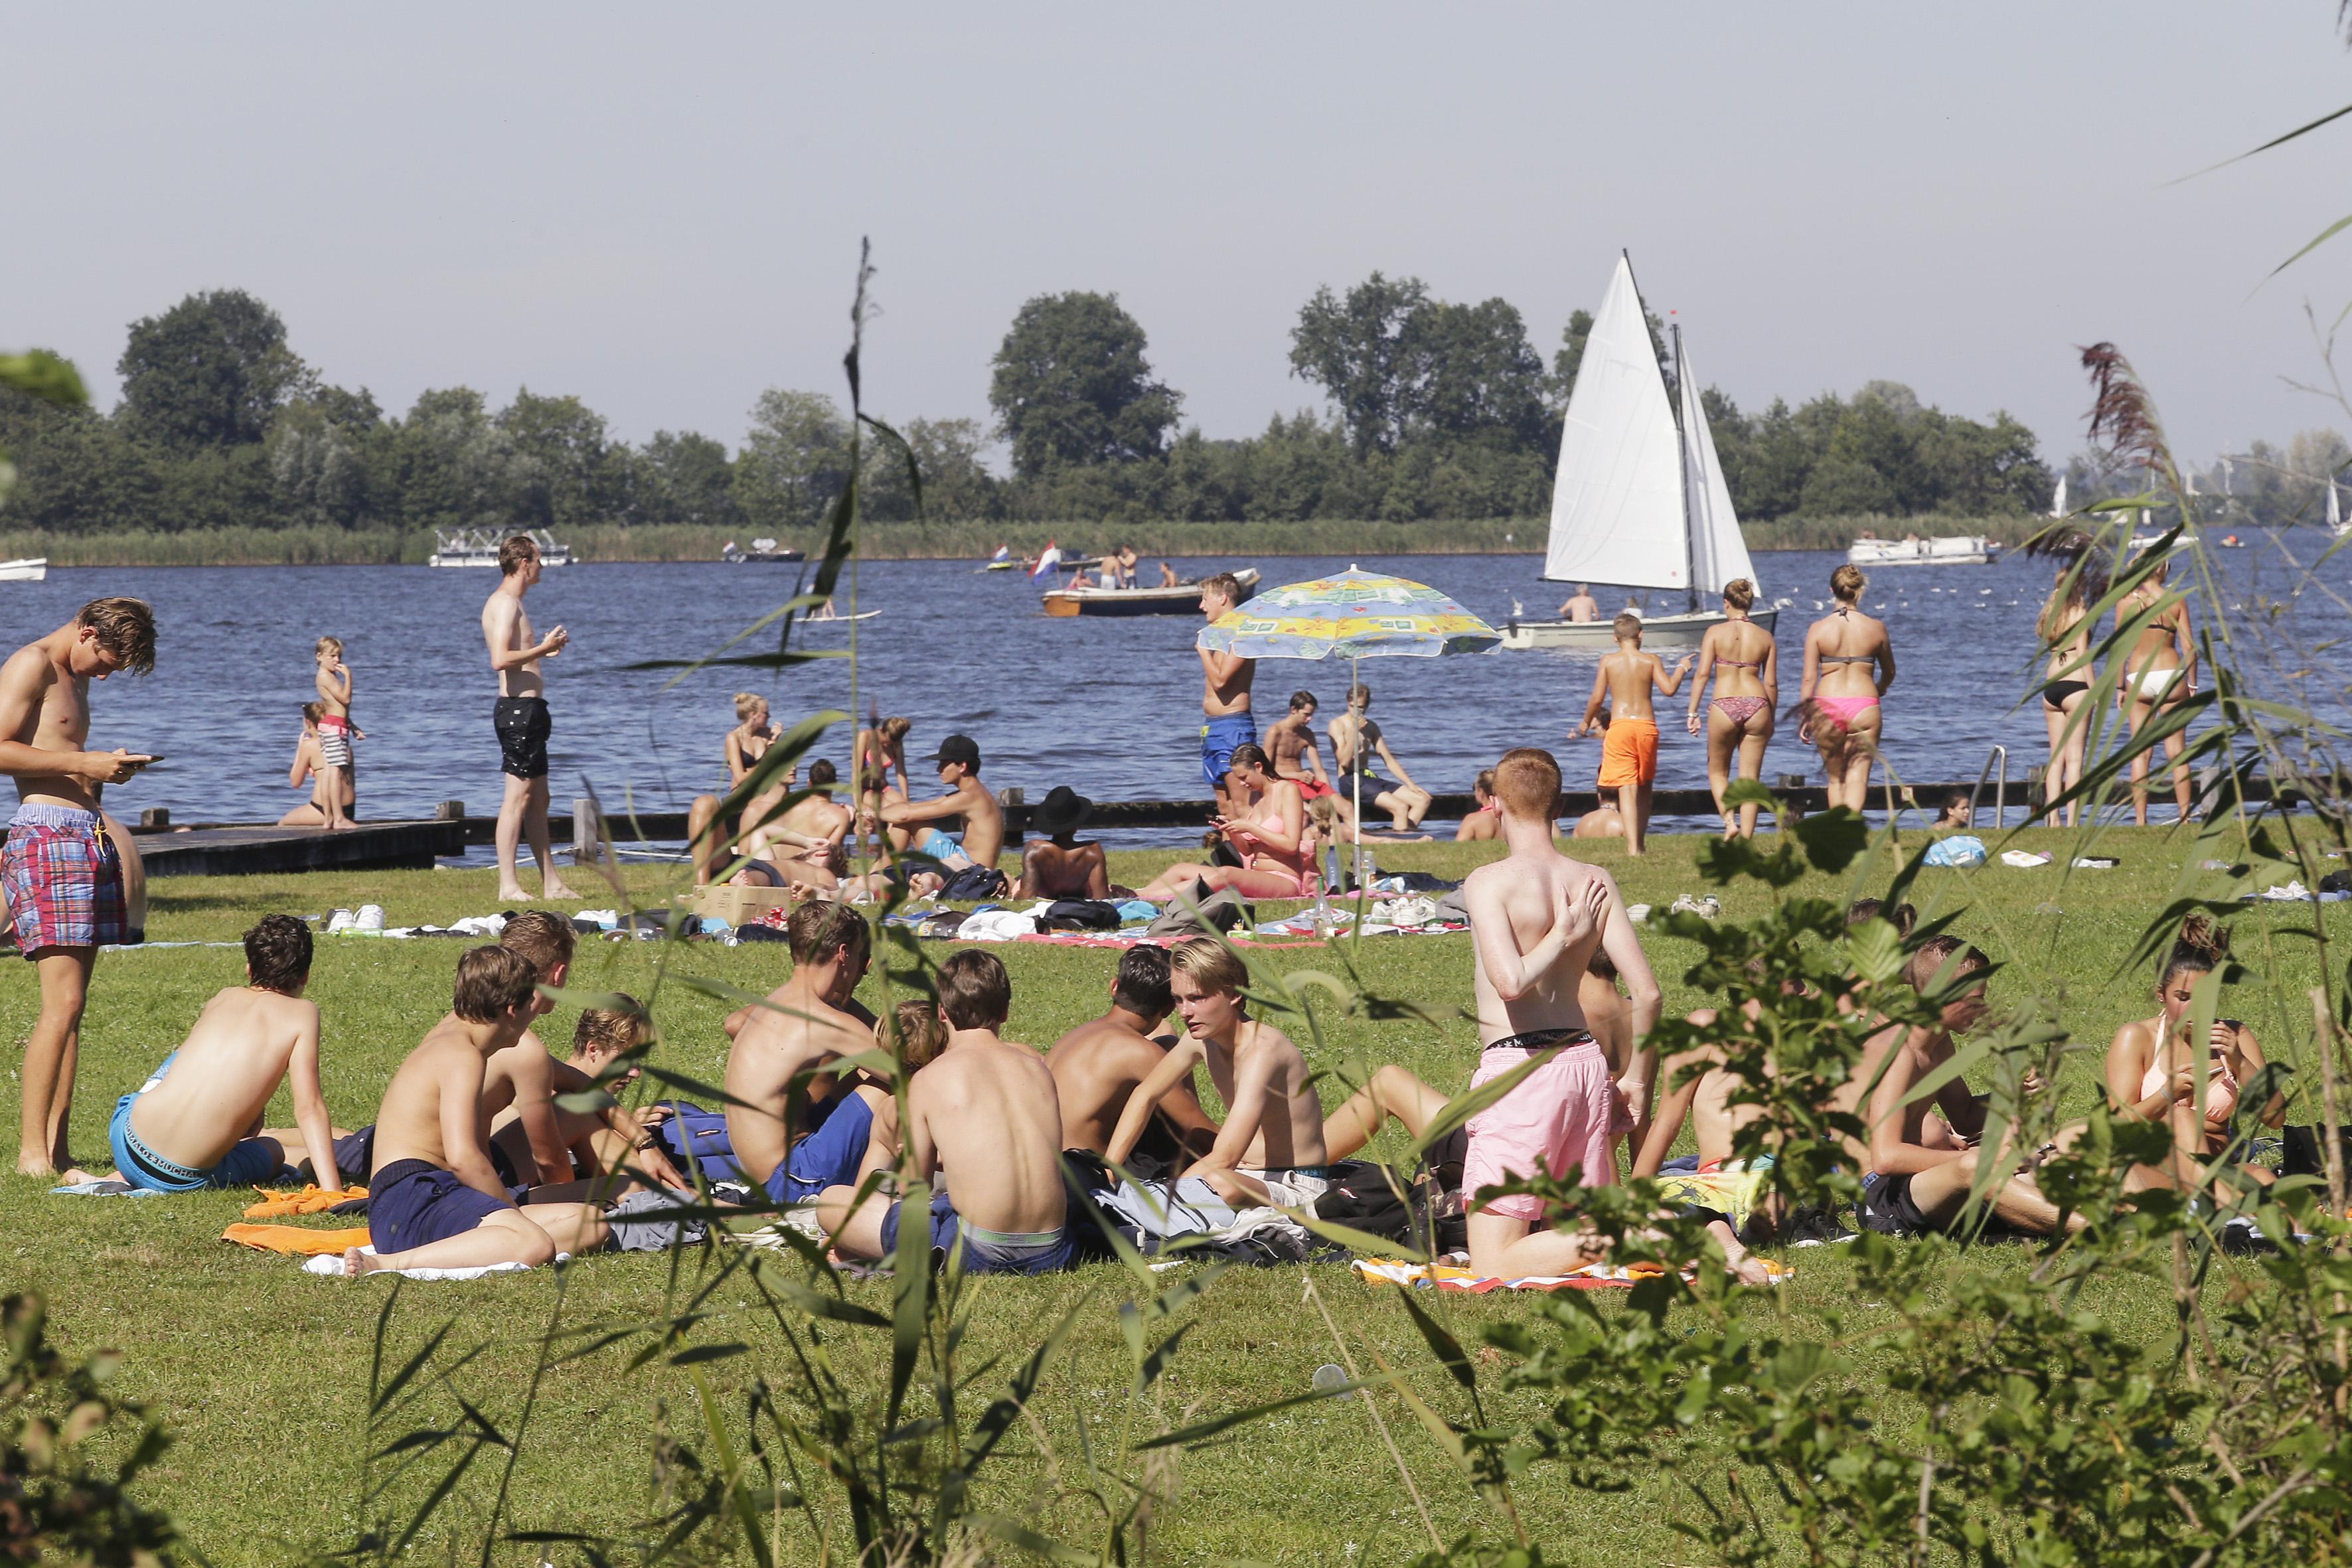 Zwemwater bij met name deel van Loosdrecht soms slecht, maar recreant trekt vaak eigen plan